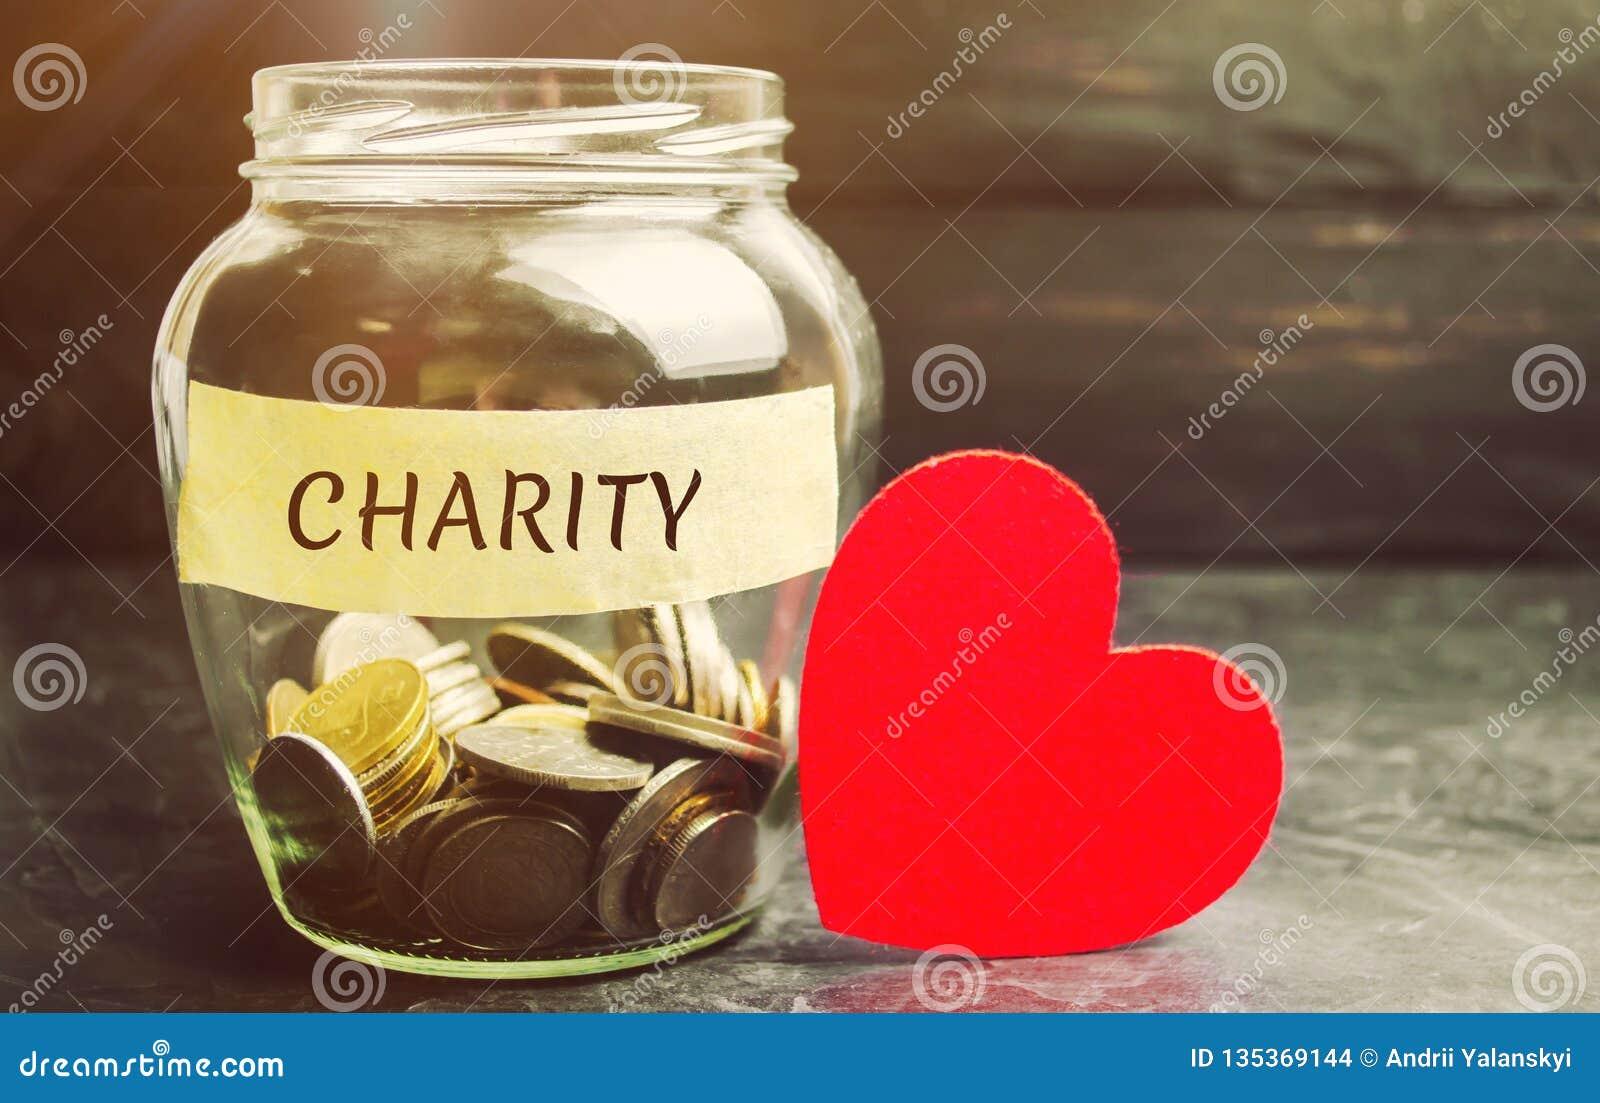 Tarro de cristal con la caridad de las palabras y el corazón El concepto de acumular el dinero para las donaciones ahorro Ayuda m